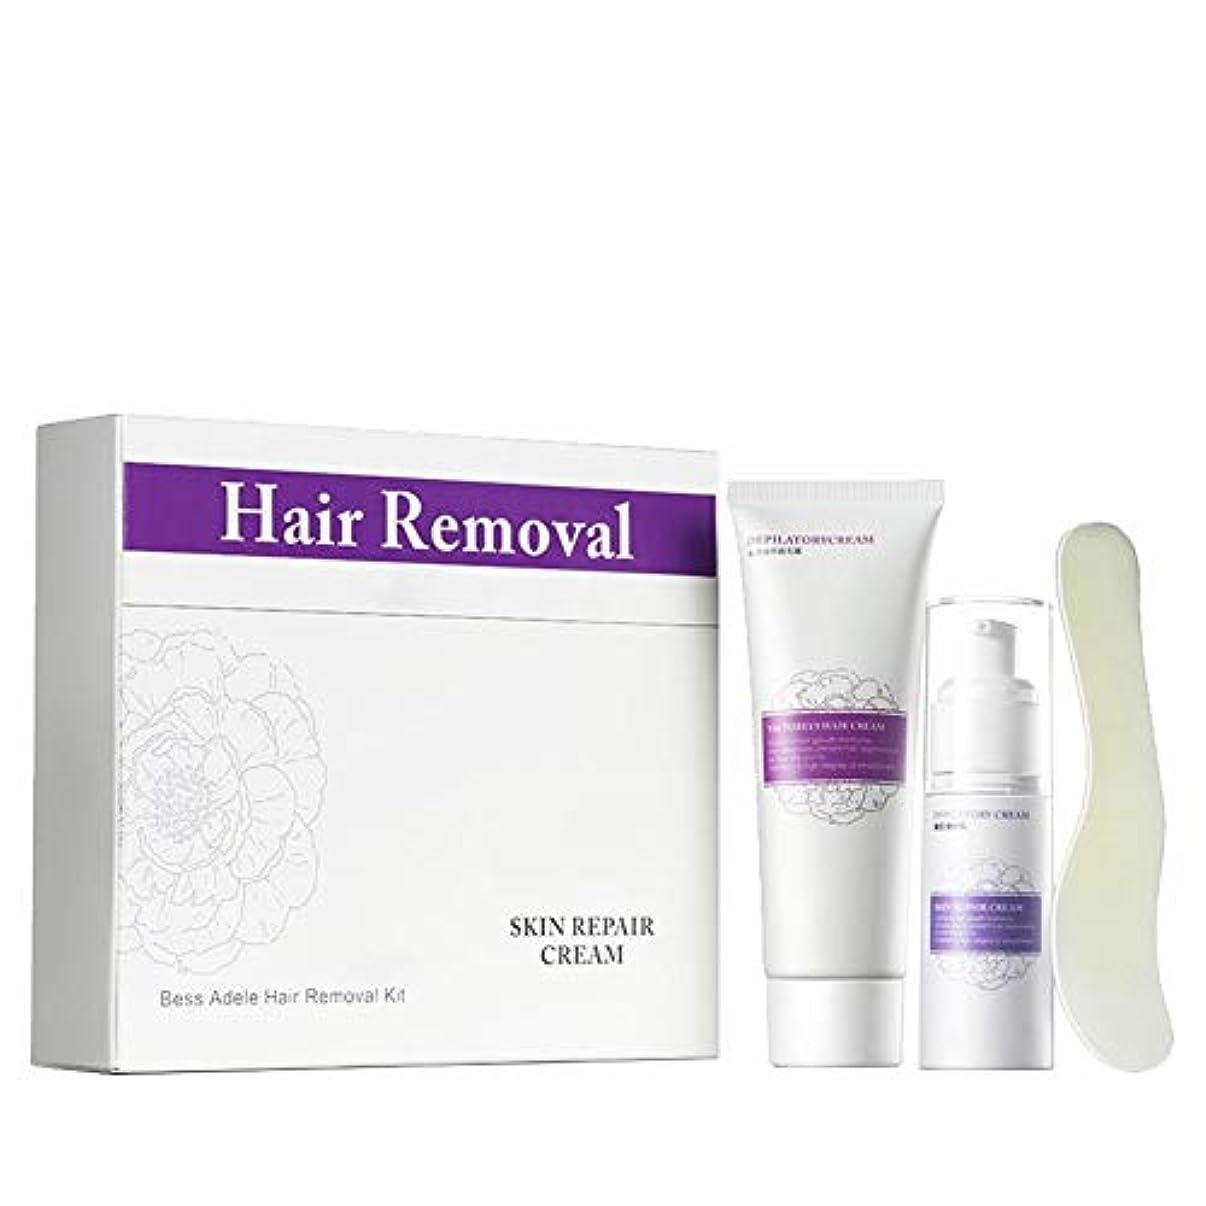 談話タブレット姿勢除毛クリーム 修復用ミルクスクレーパー優しい脱毛は肌を傷つけません、ファースト&シンプル、肌の潤いを和らげ、保ちます